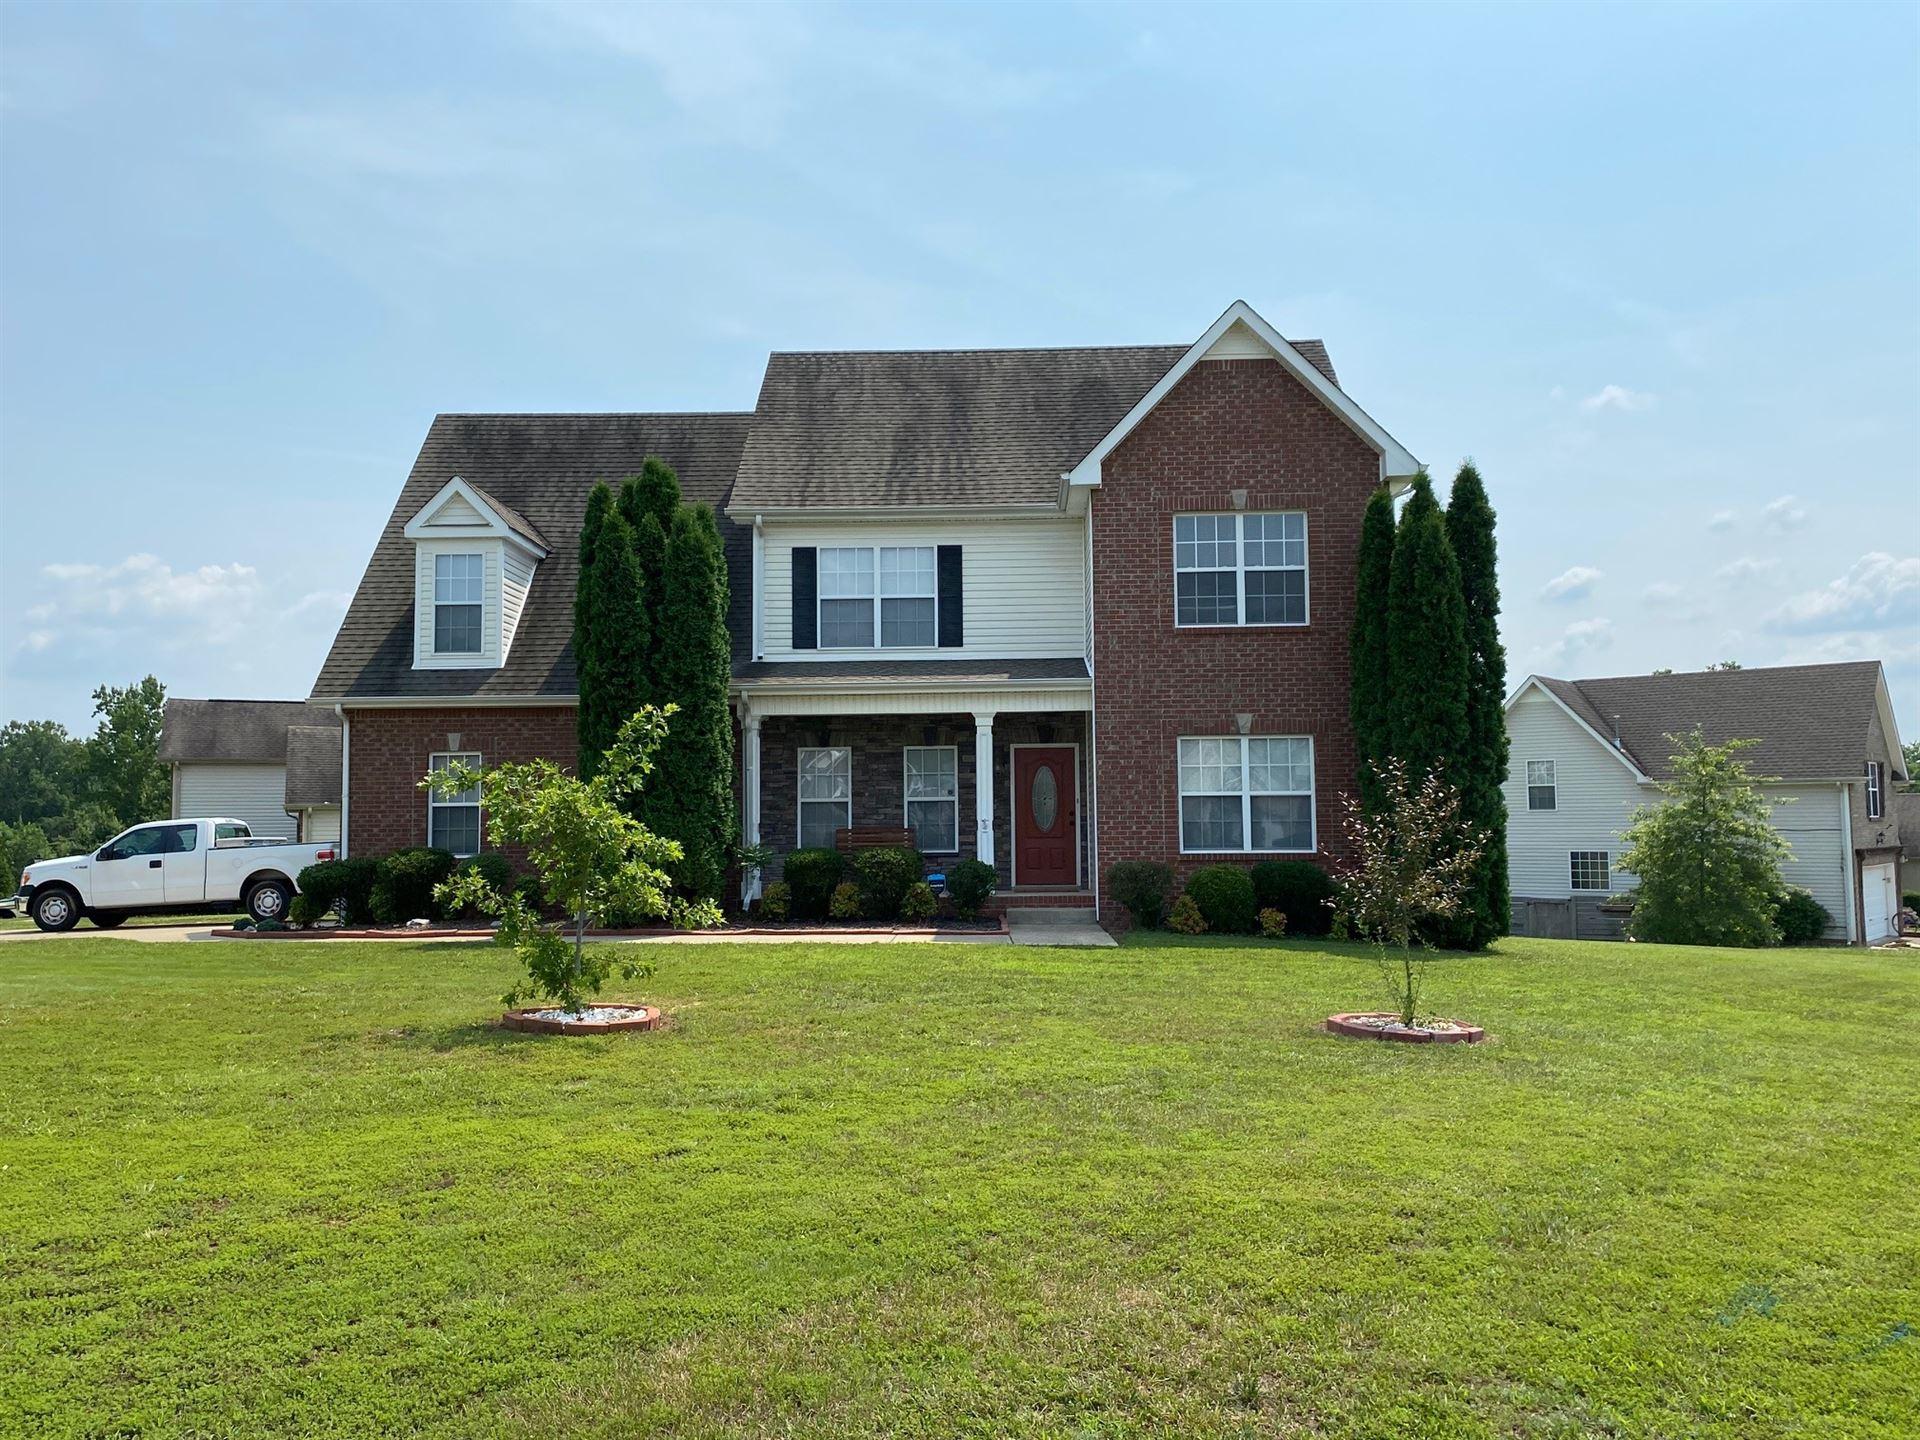 1386 Borrowdale Dr, Clarksville, TN 37040 - MLS#: 2273452